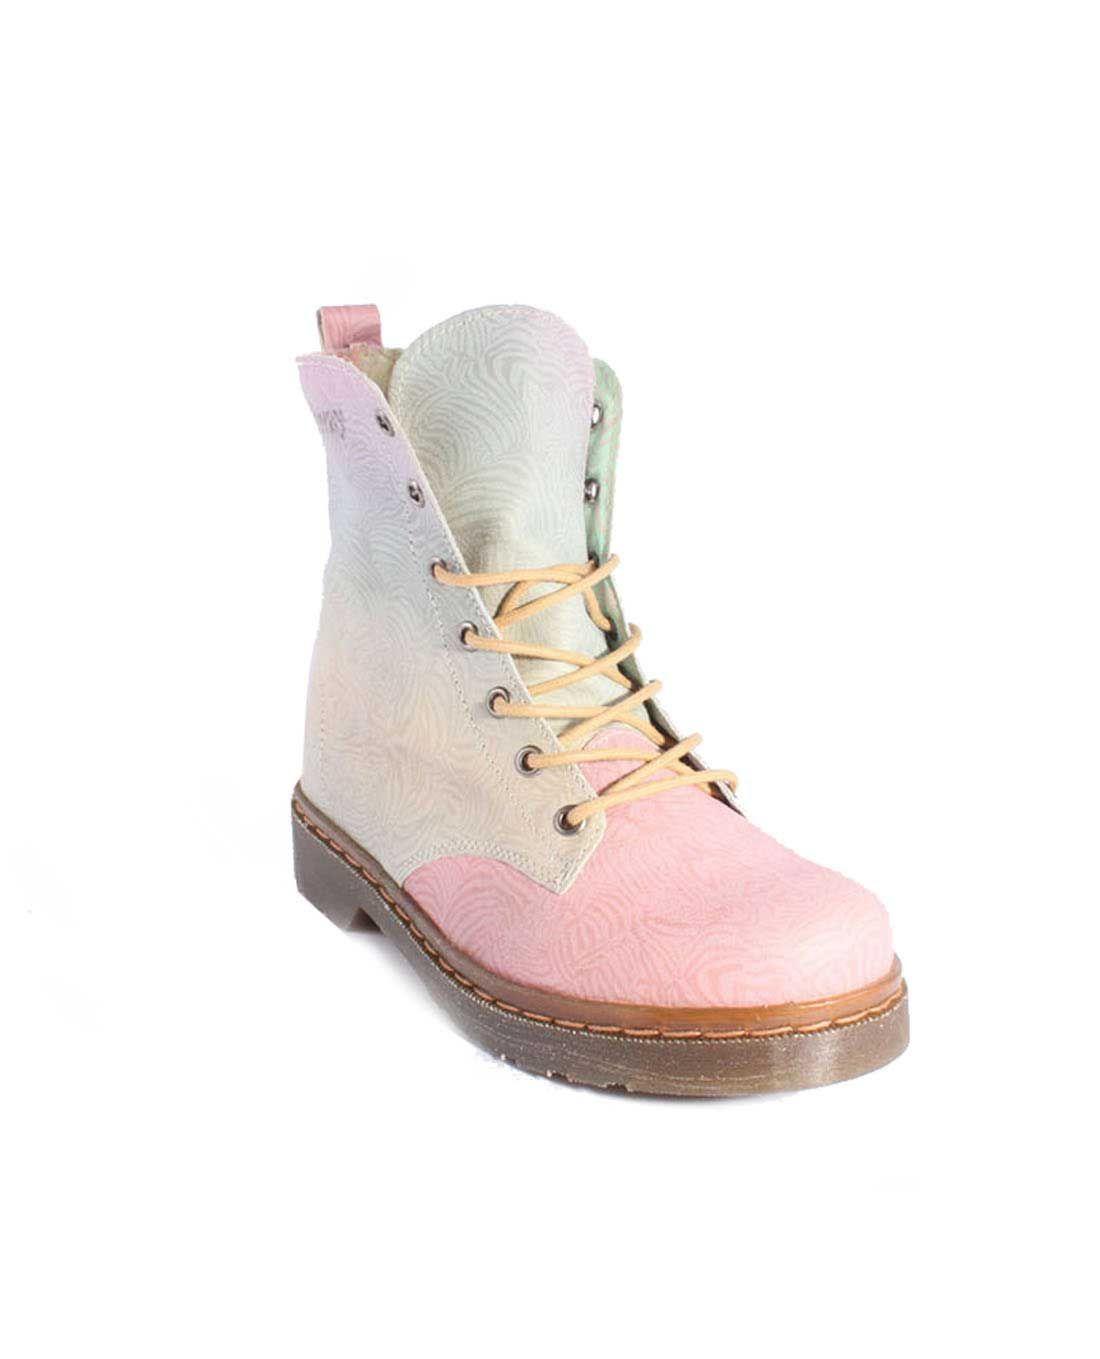 Botas mujer Coolway de multicolor piel multicolor de Patin Zapatos botas a2d594